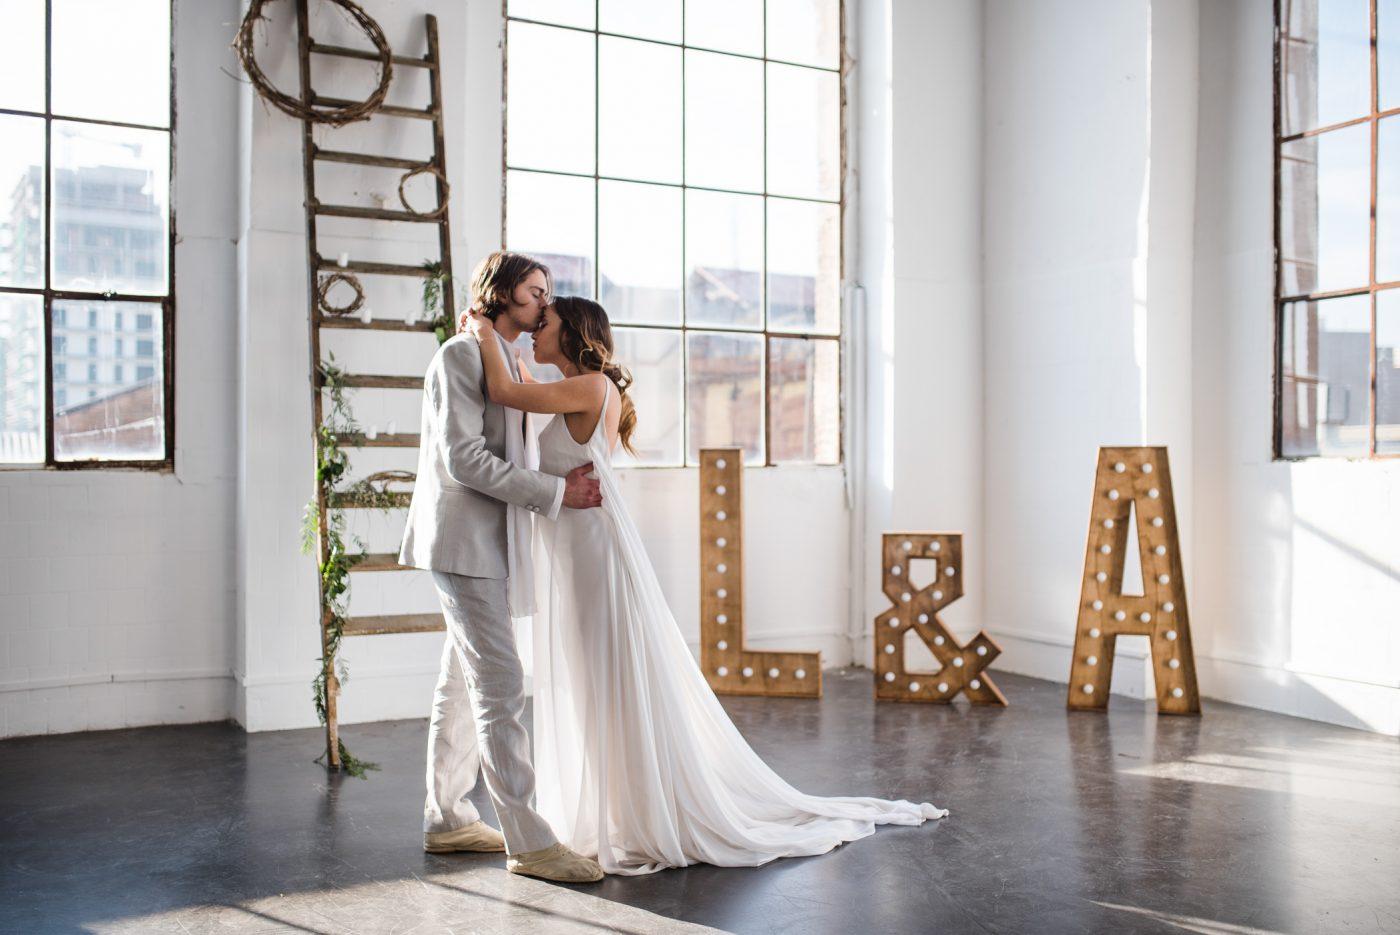 comment laborer l 39 identit visuelle de son mariage la mari e sous les etoiles. Black Bedroom Furniture Sets. Home Design Ideas